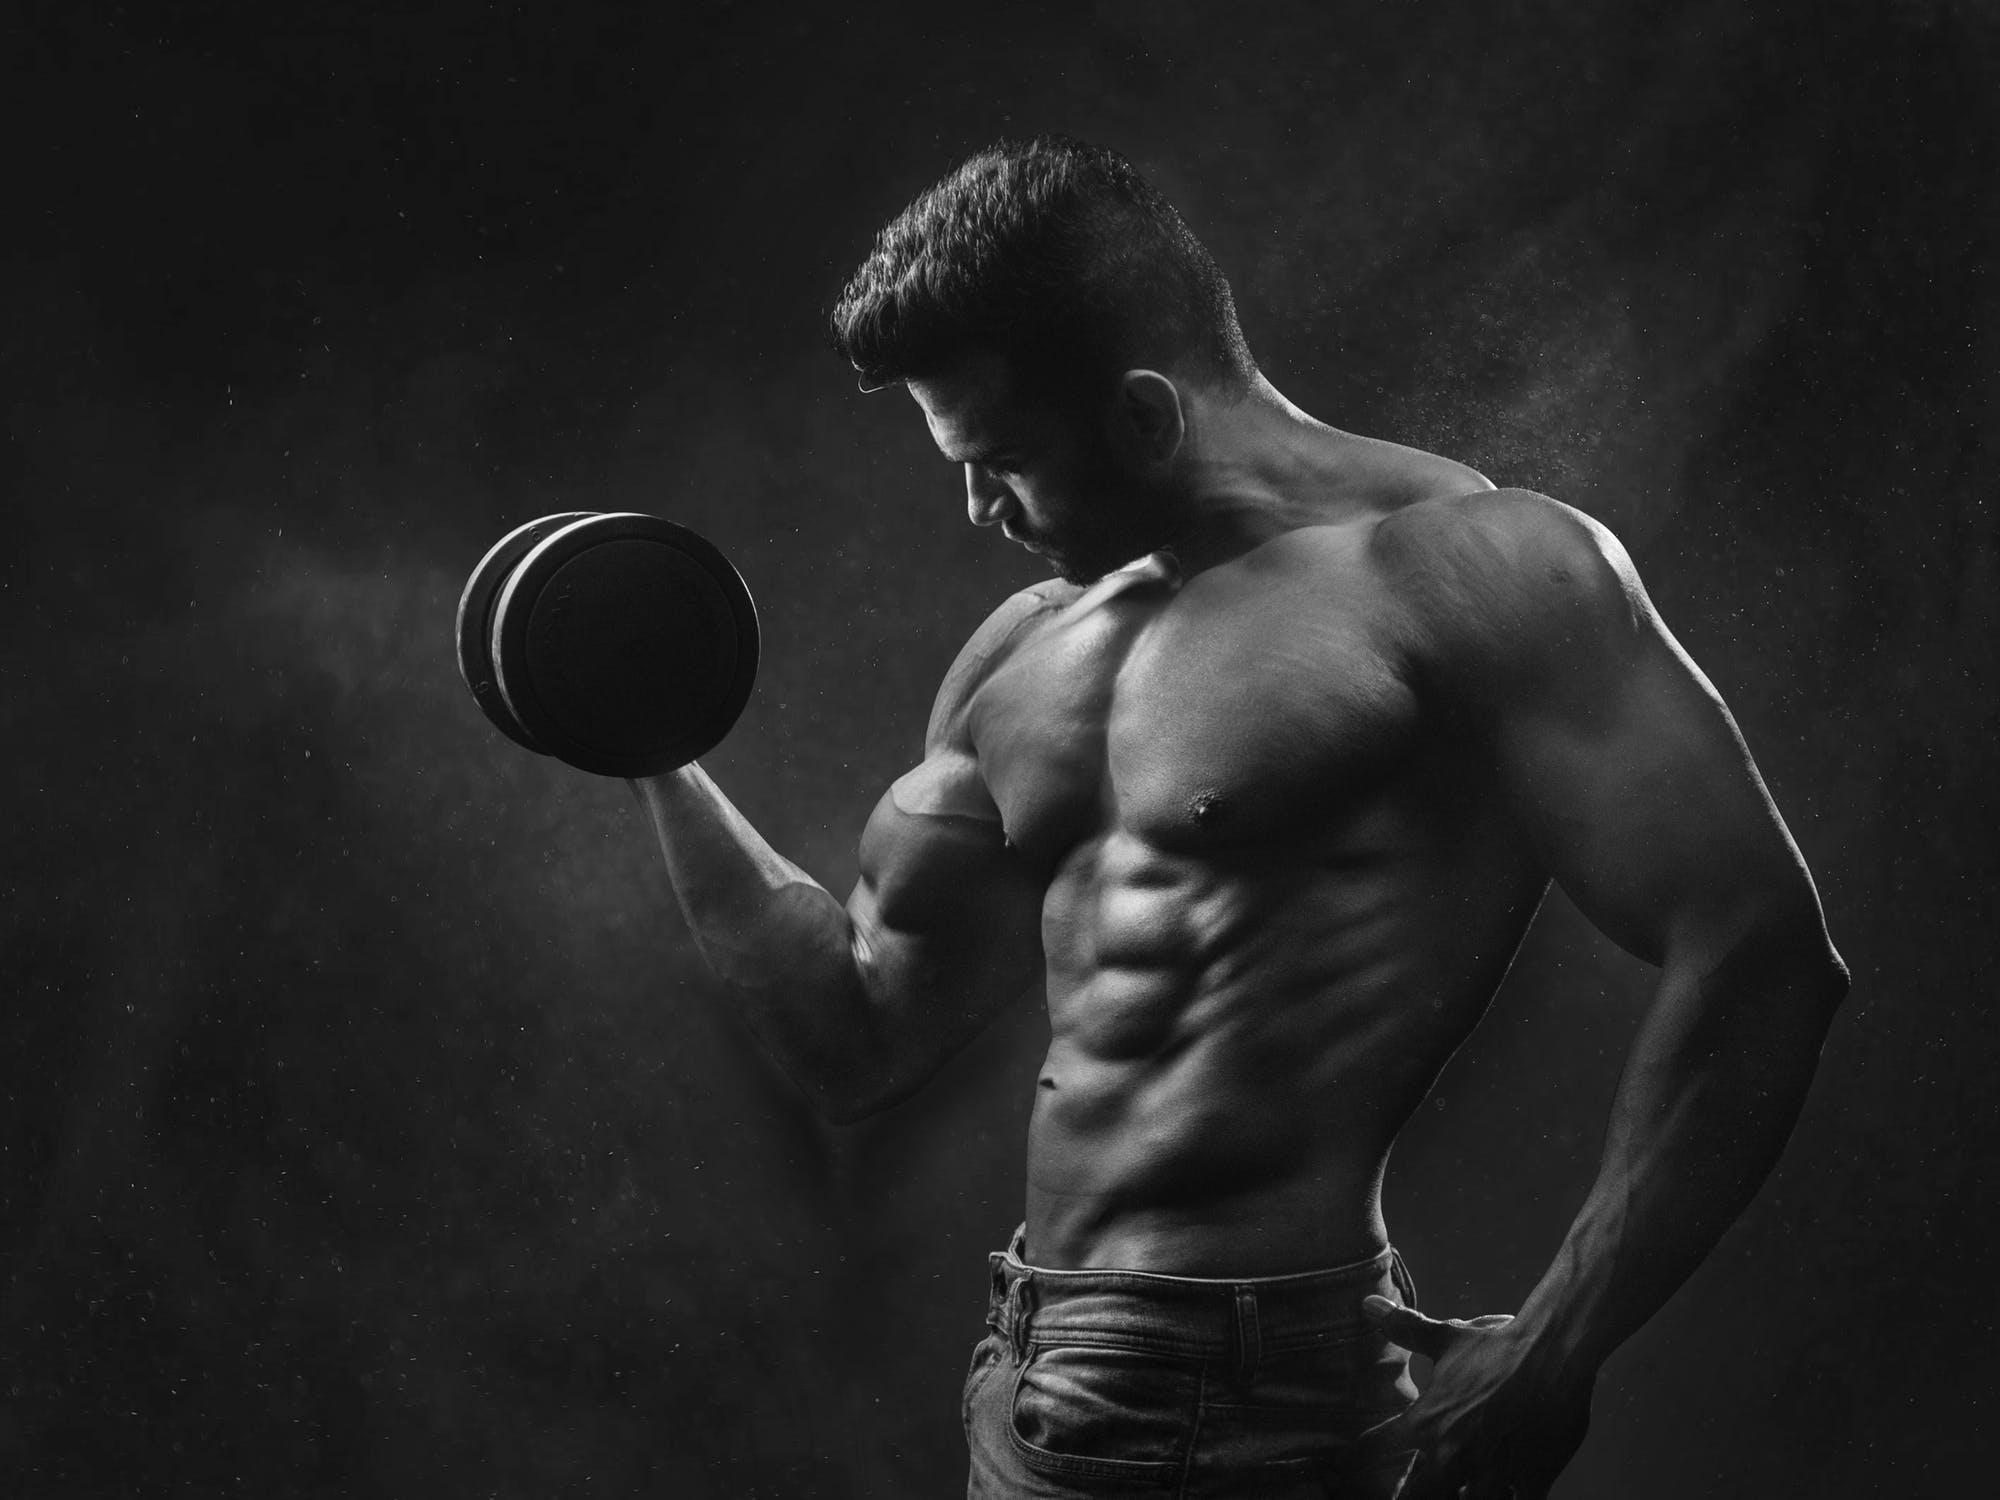 想要腹肌线条更明显?这4个动作不能缺少,才能让腹肌更明显!